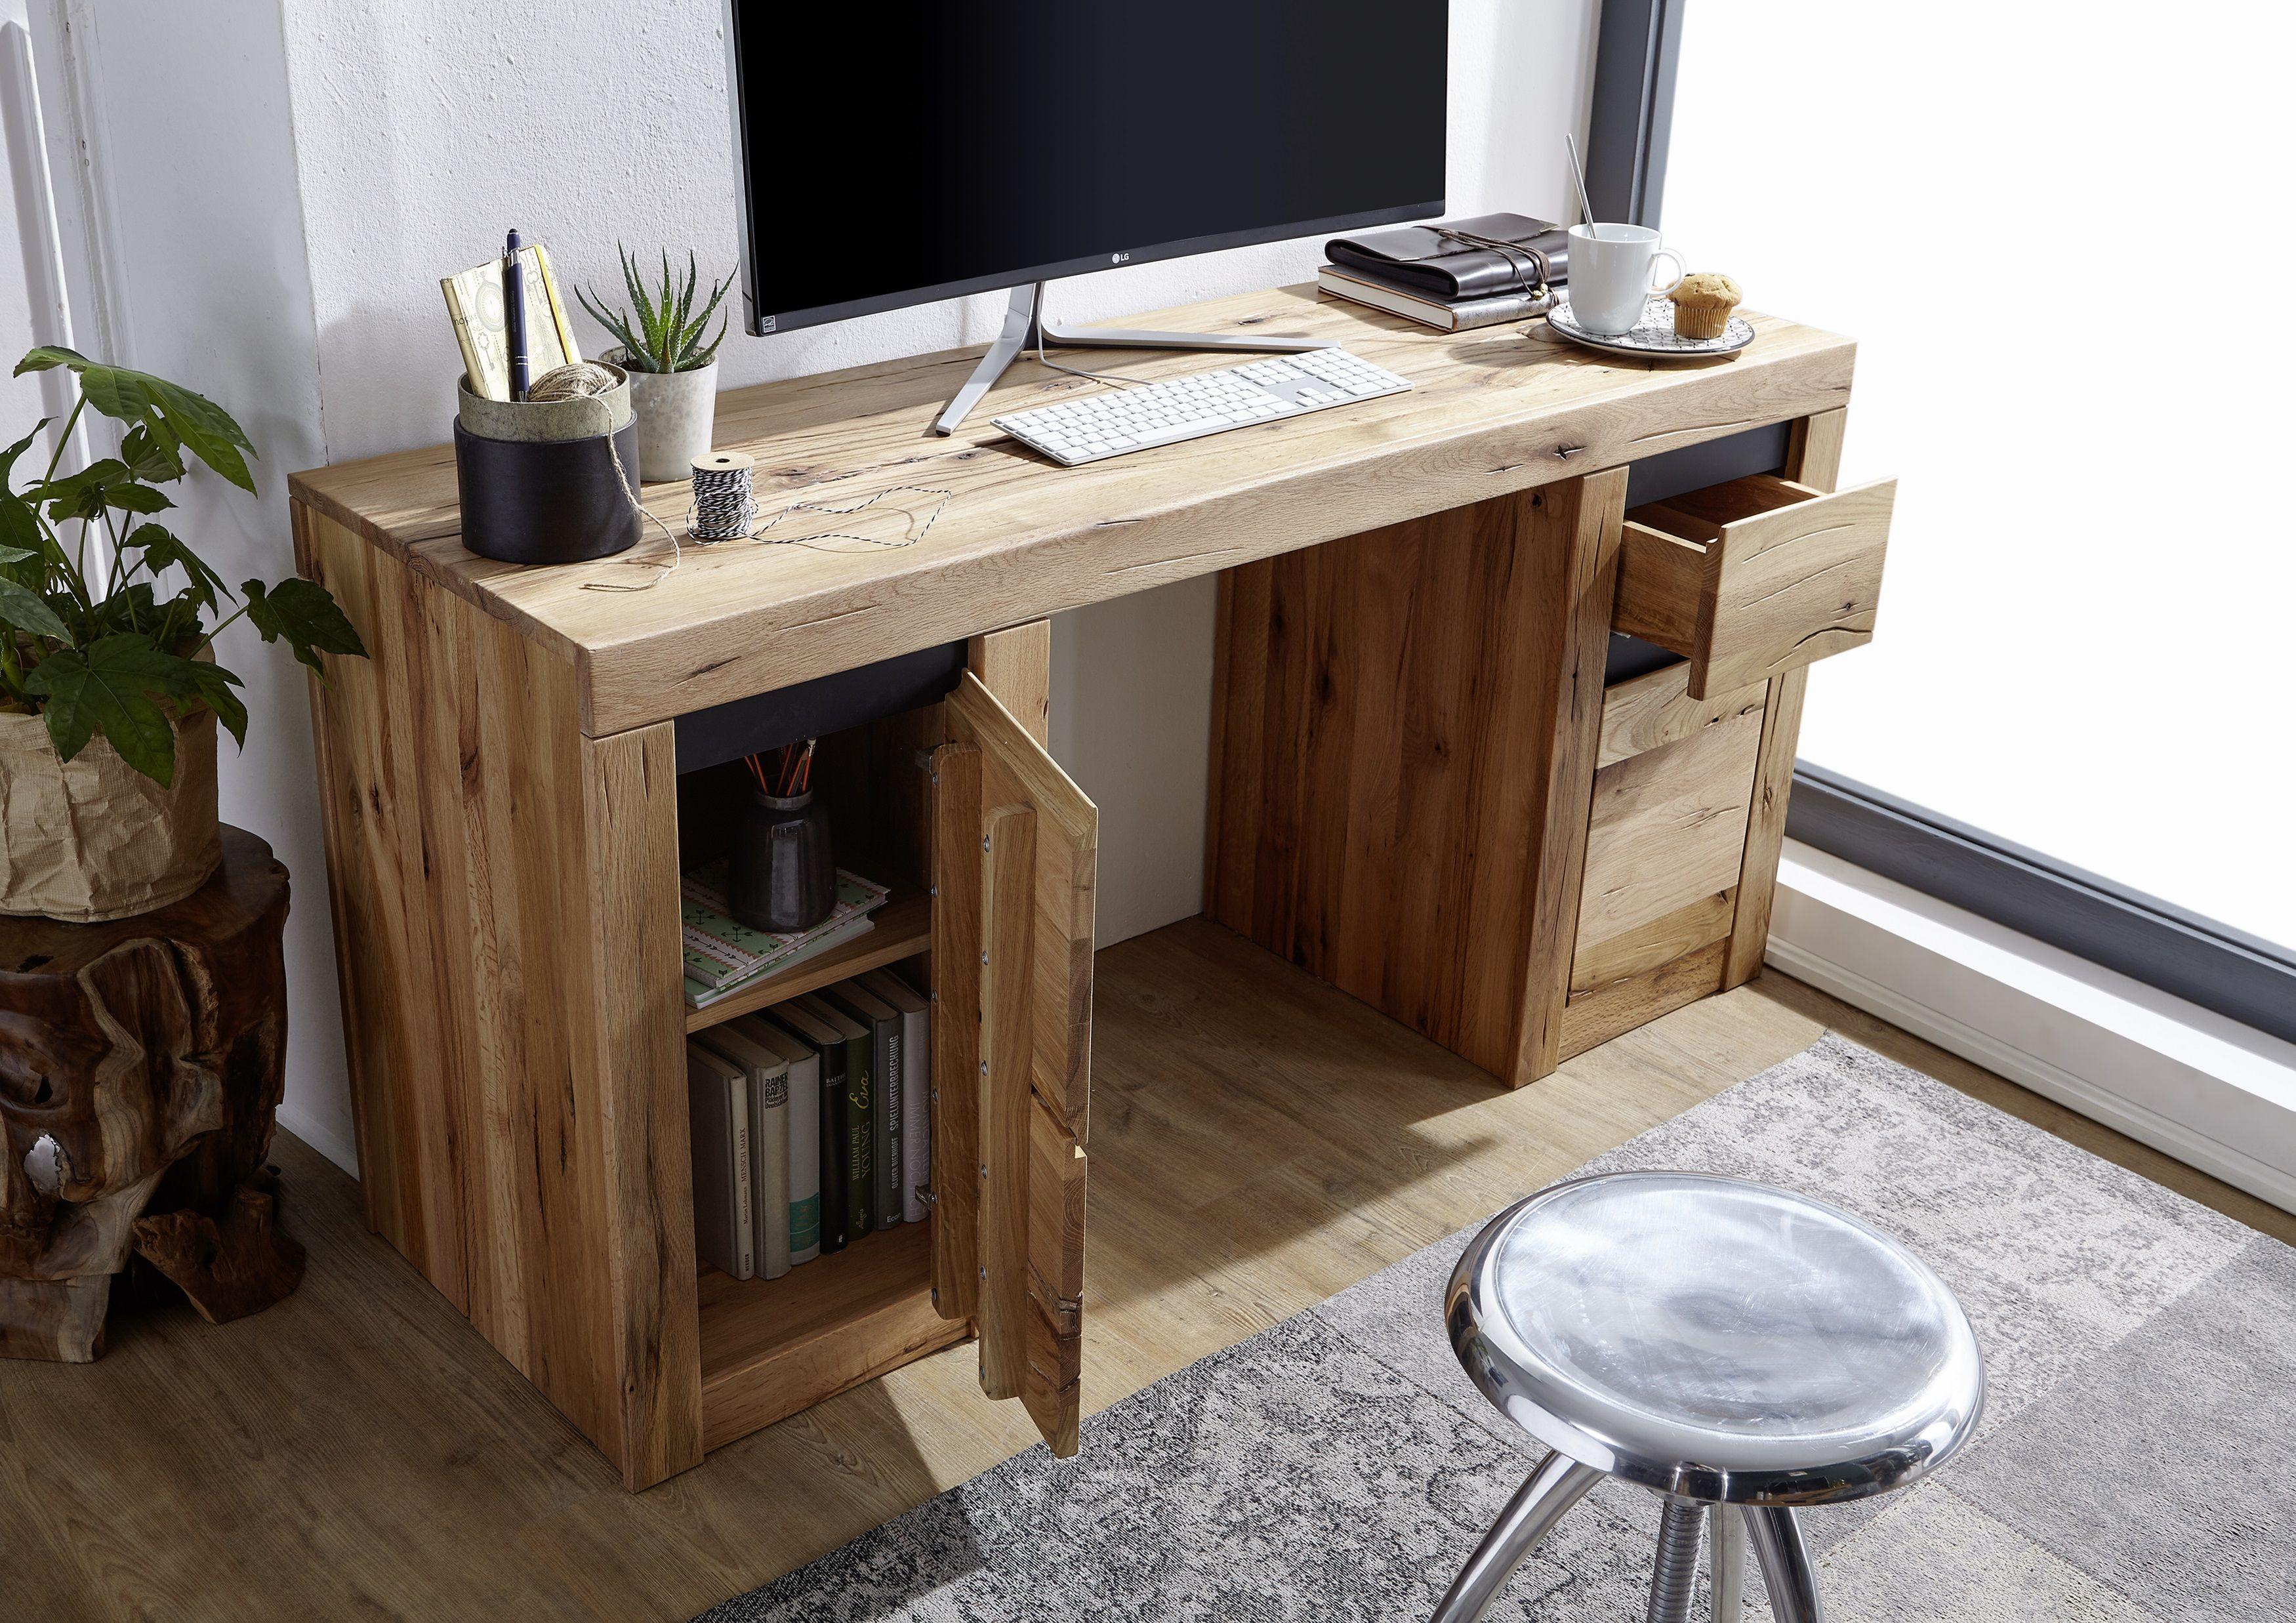 Schreibtisch 150x50x75 Versandfrei Kaufen Massivmoebel24 In 2020 Schreibtisch Eiche Haus Haus Deko